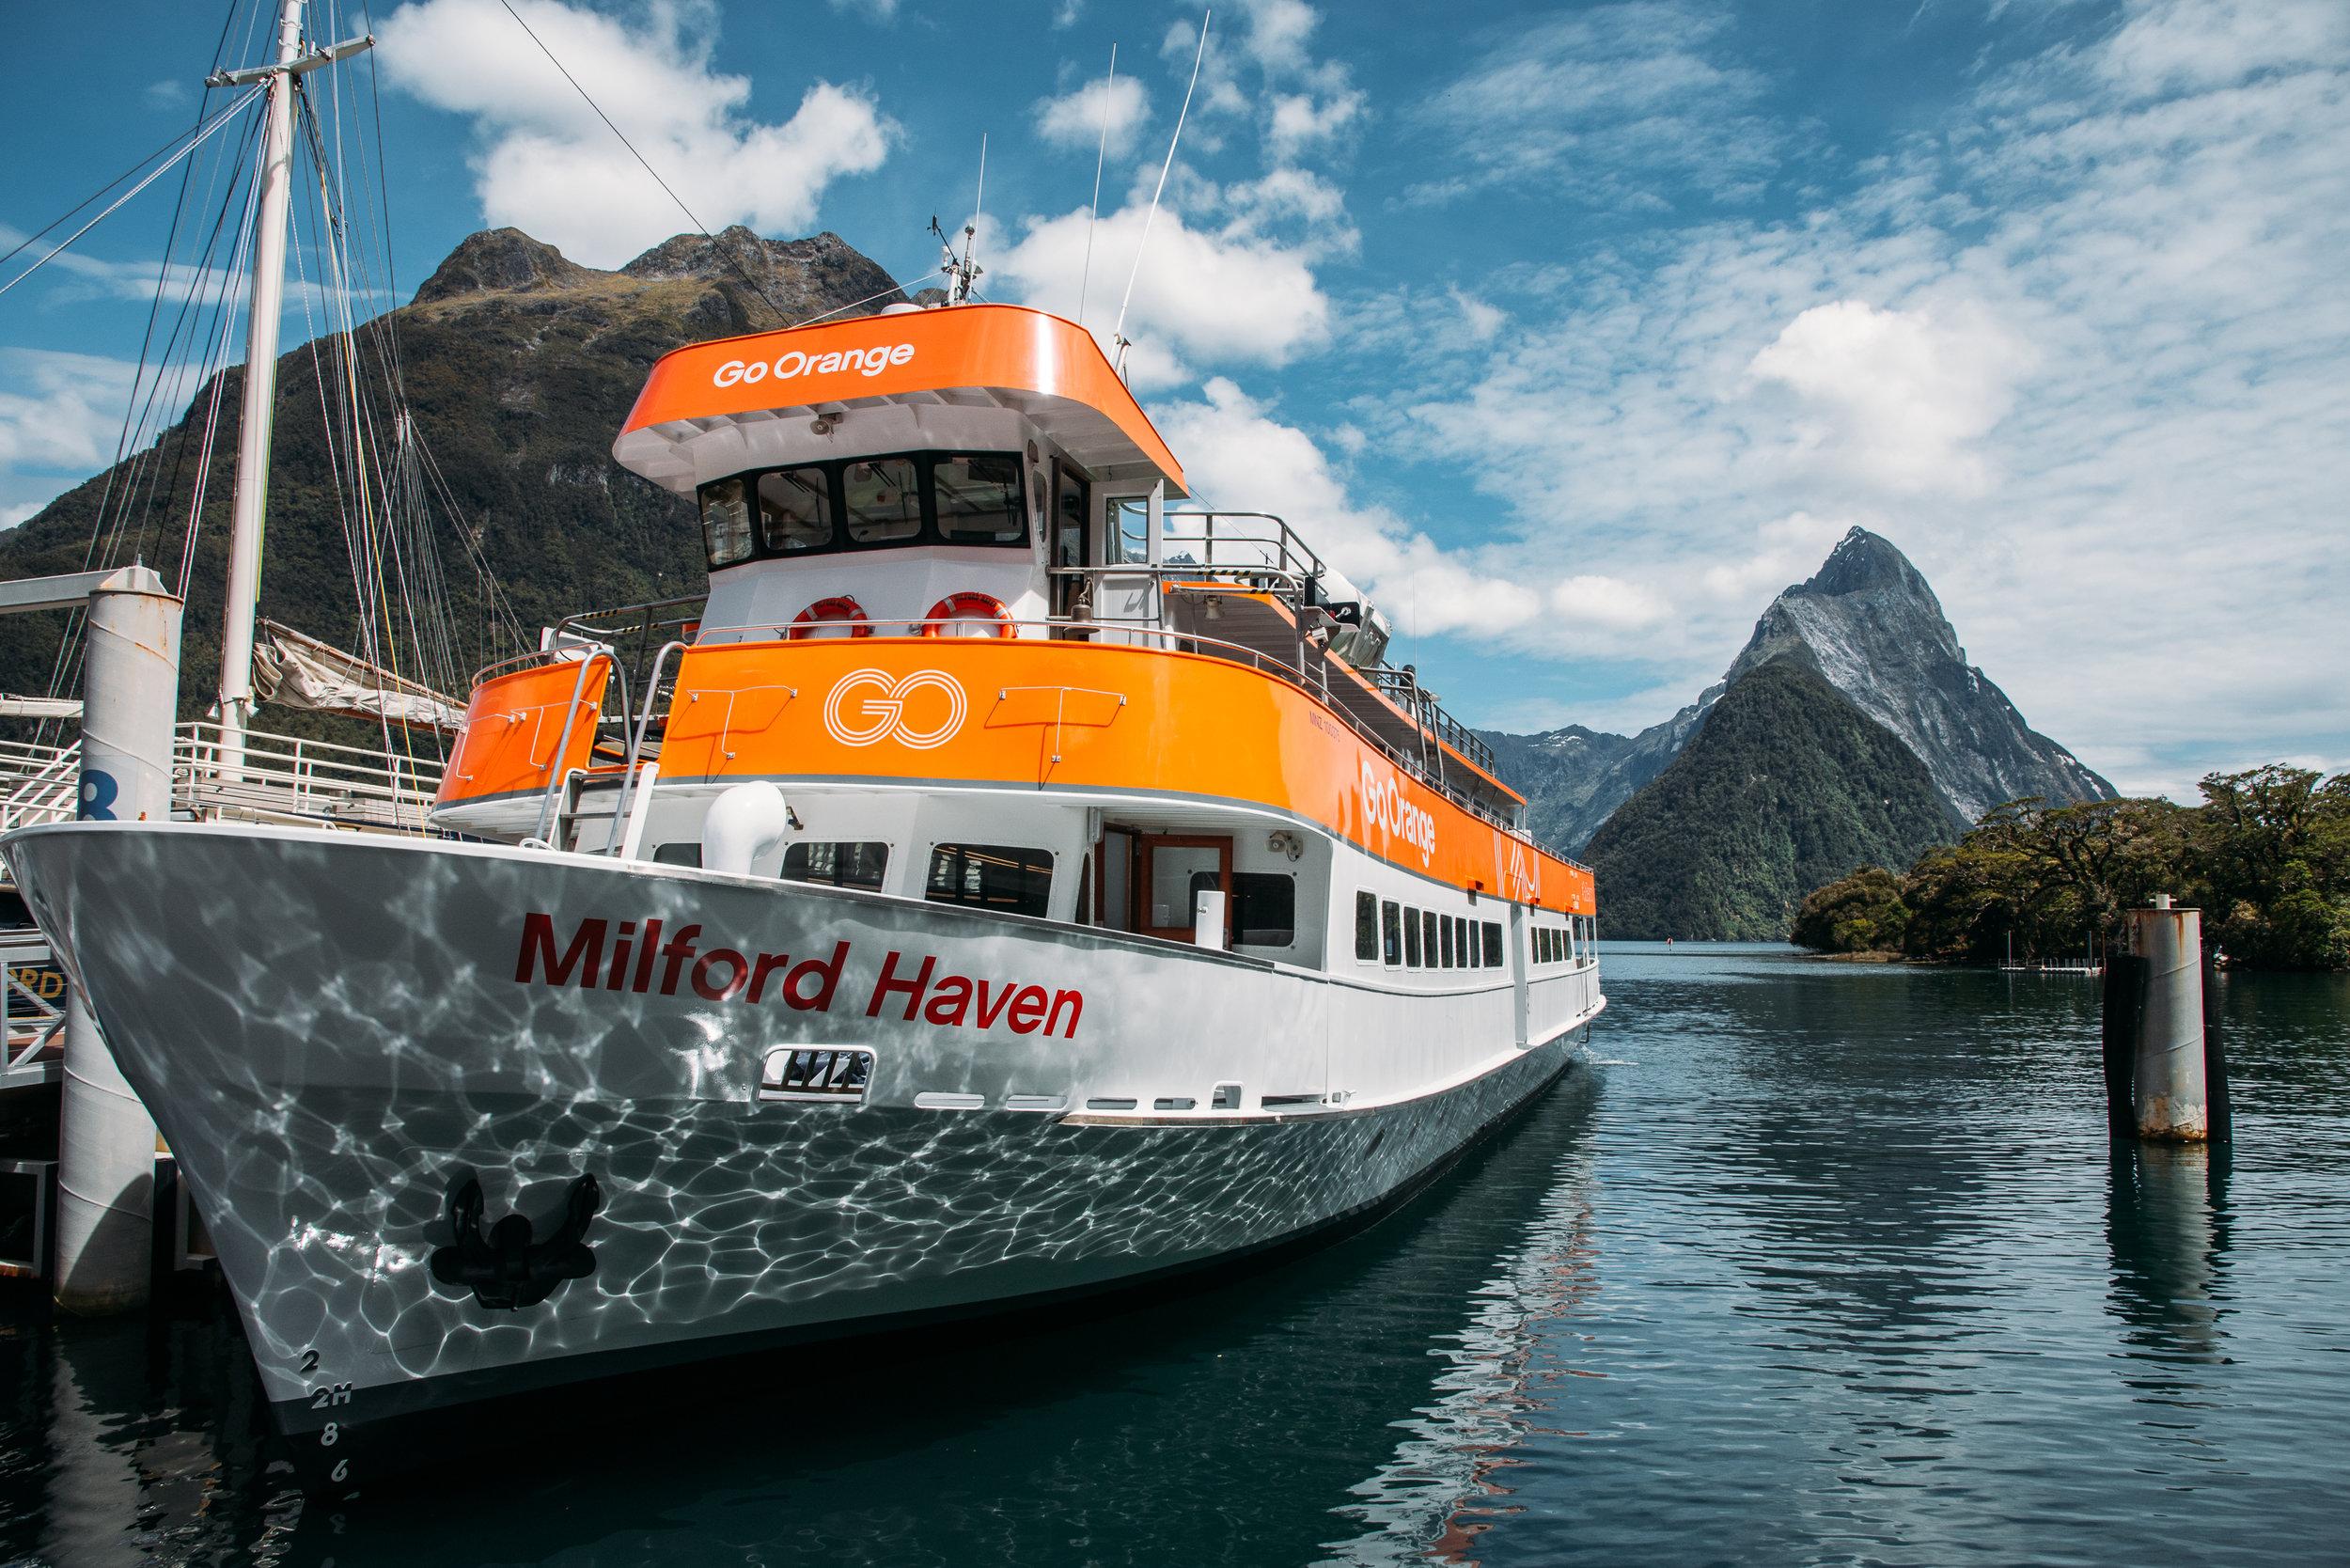 go orange boat.jpg